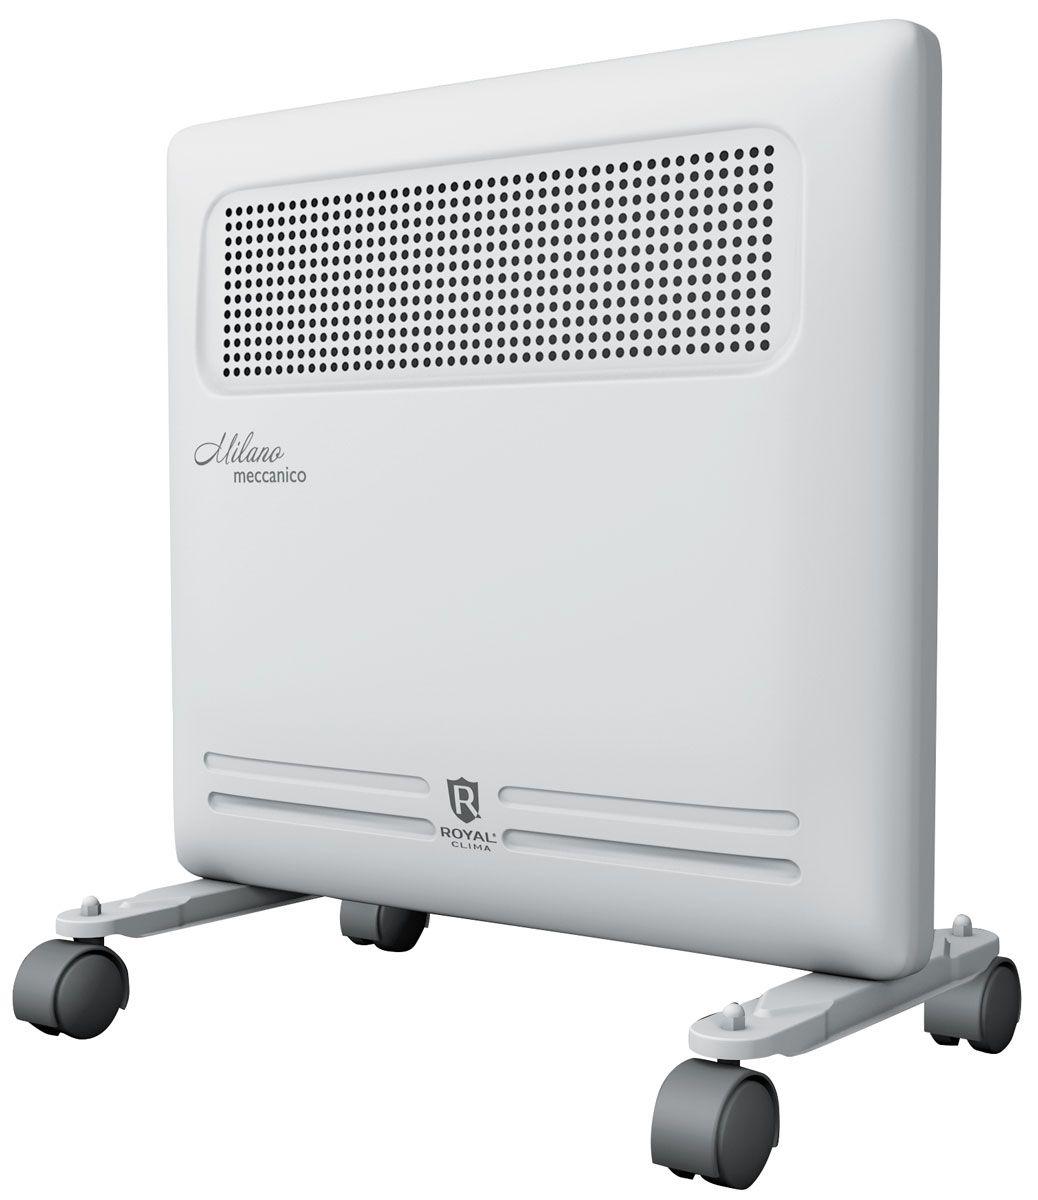 Royal Clima REC-M1000M электрический конвекторREC-M1000MКонвектор Royal Milano Meccanico - это идеальное сочетание высокого качества, производительности и безопасности использования в изысканном итальянском дизайне. Эксклюзивная конструкция воздухораздаточного отверстия увеличенной площади обеспечивает равномерный прогрев всего помещения. Высокая эффективность работы конвектора достигается благодаря литому алюминиевому нагревательному X-элементу X-ROYAL Long Life Heater, который обладает увеличенной площадью теплообмена и сниженной температурой поверхности. Нагревательный элемент нового поколения обеспечивает мгновенный разогрев за 10-20 секунд, высокую эффективность распределения тепла, и при этом не пересушивает воздух и не сжигает кислород. Все необходимые опции и режимы, система безопасной эксплуатации Security Project, легкая установка и эксплуатация делают Royal Milano Meccanico незаменимым для вашего дома.